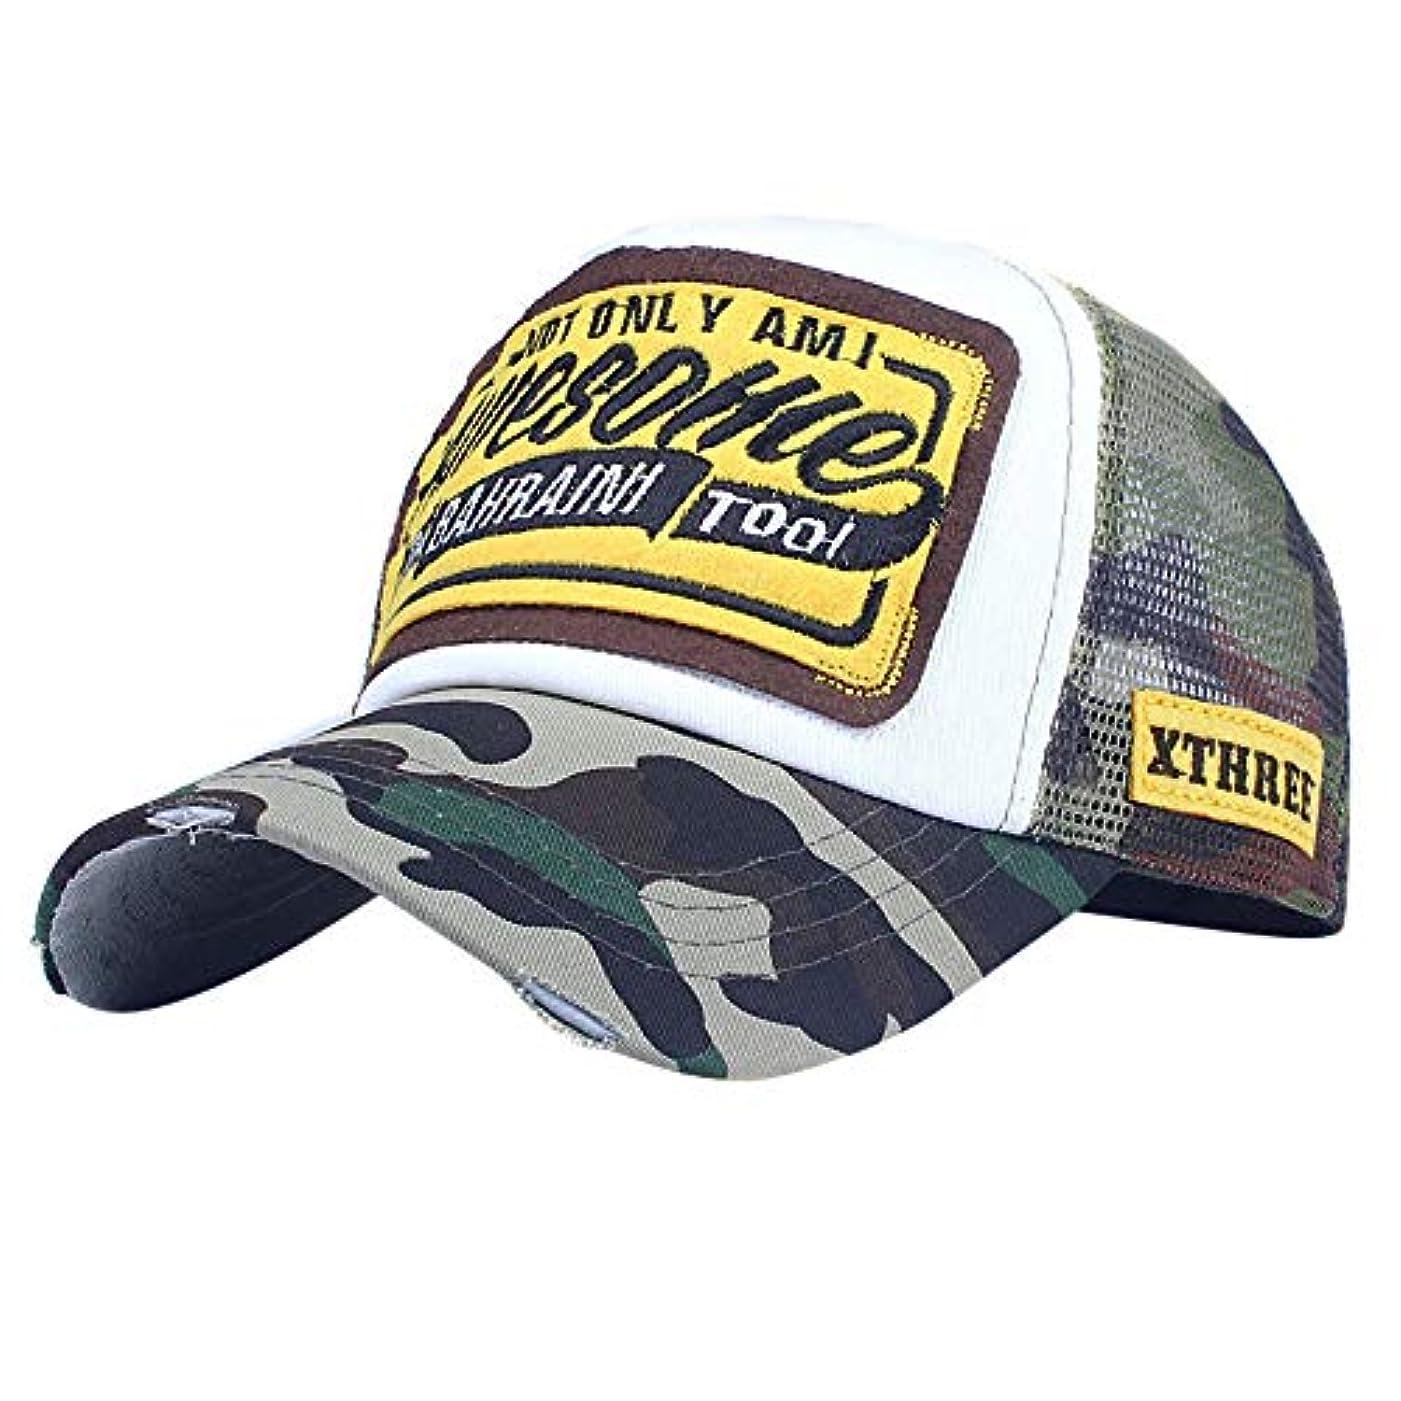 意味恐れる嬉しいですRacazing カモフラージュ 野球帽 ヒップホップ メンズ 夏 登山 帽子 迷彩 可調整可能 プラスベルベット 棒球帽 UV 帽子 UVカット軽量 屋外 Unisex 鸭舌帽 Hat Cap